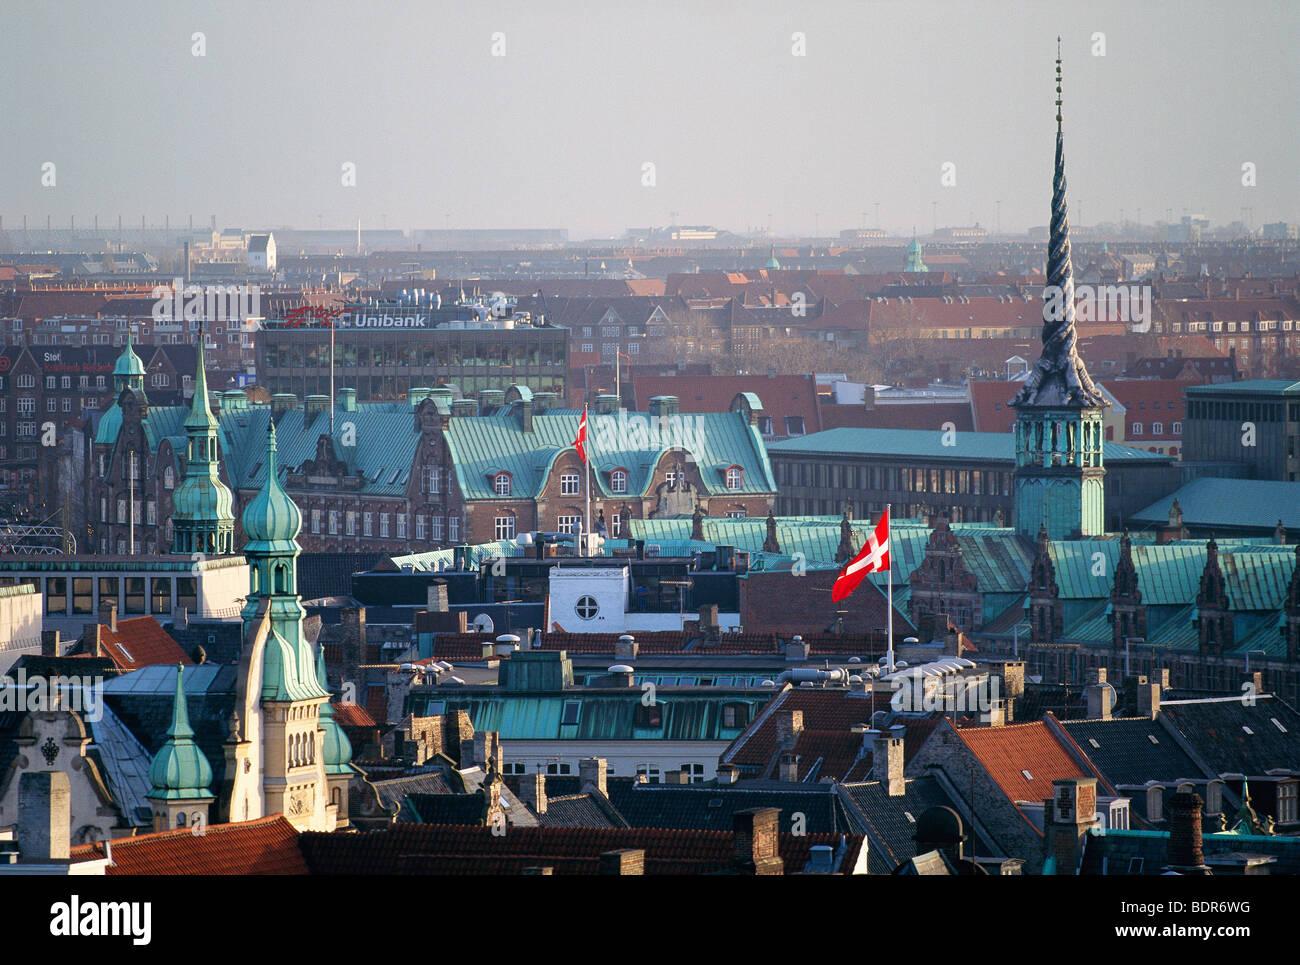 View from Copenhagen, Denmark. - Stock Image